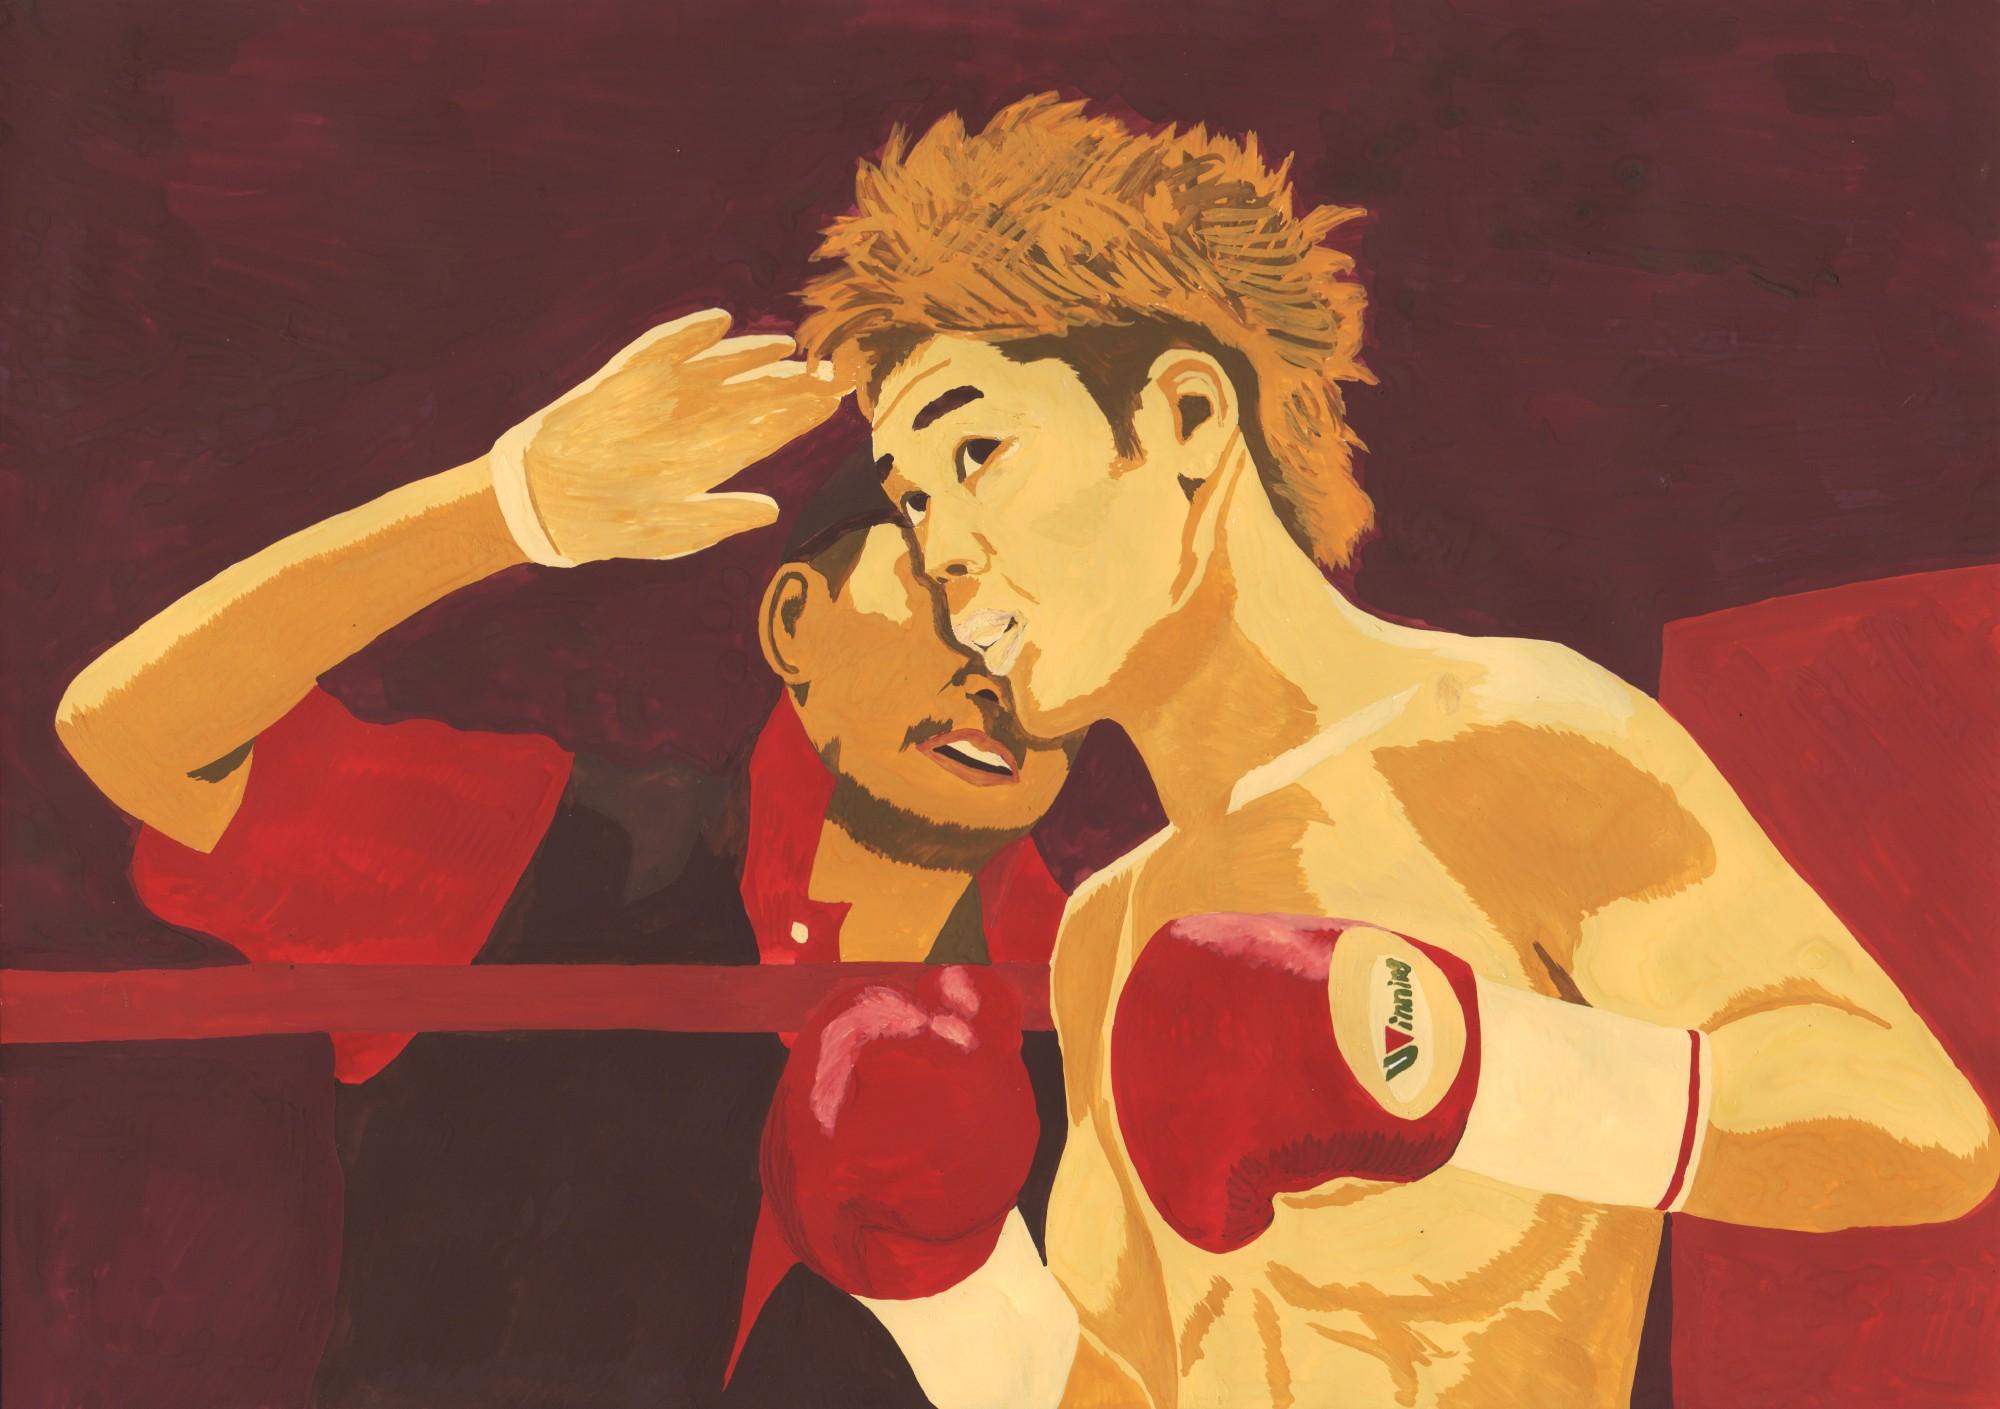 イラスト「ゴング(田部井要選手世界チャンピオンへの軌跡2)」